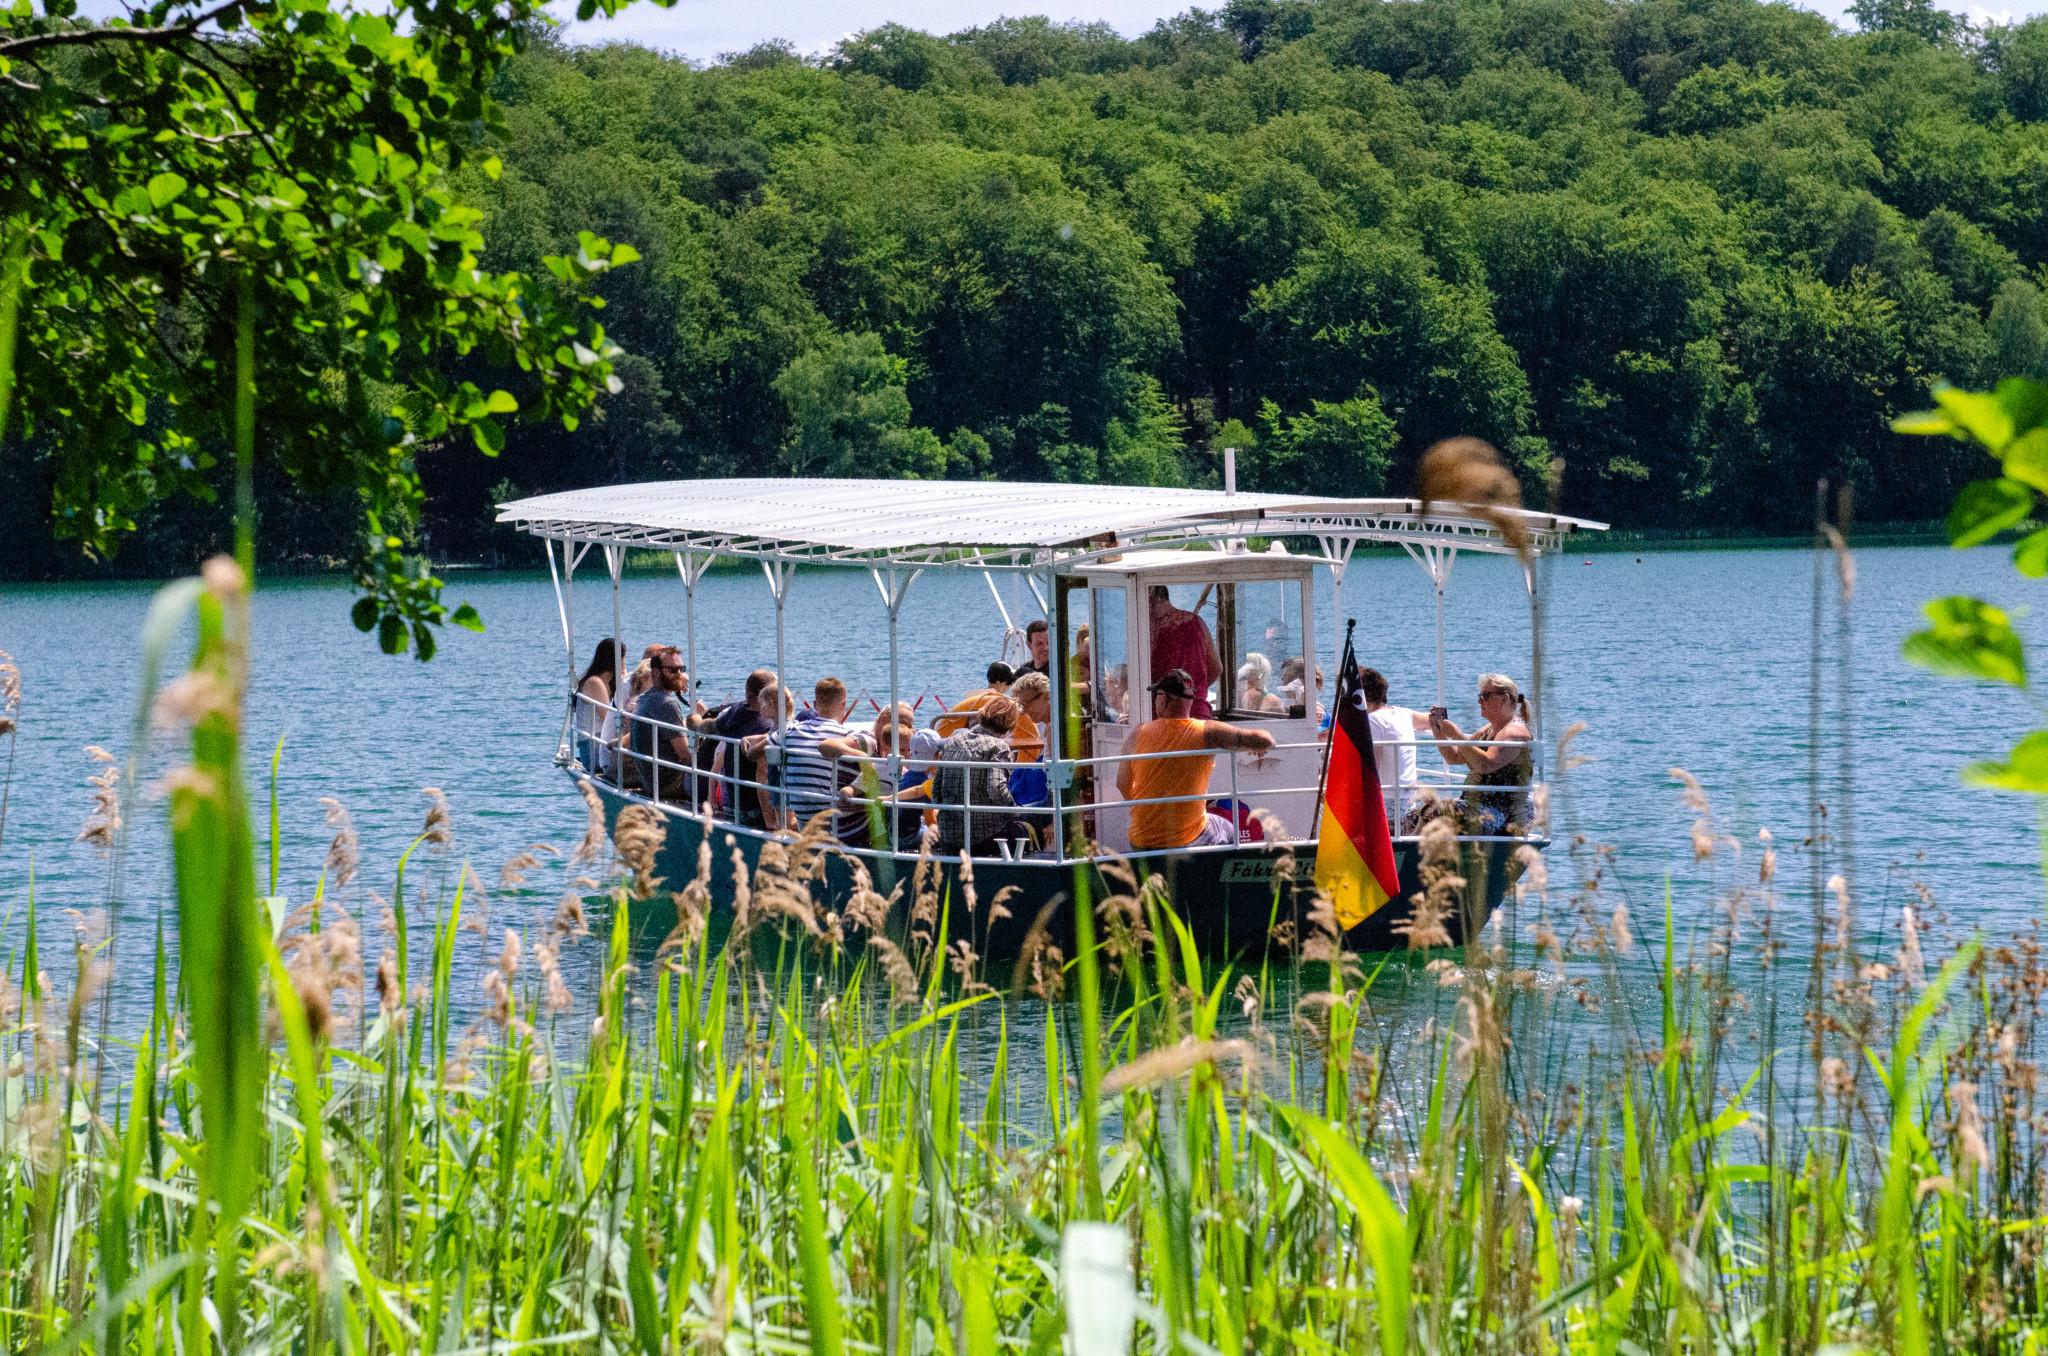 Mit der Fähre Frida auf dem Liepnitzsee in der Nähe von Berlin